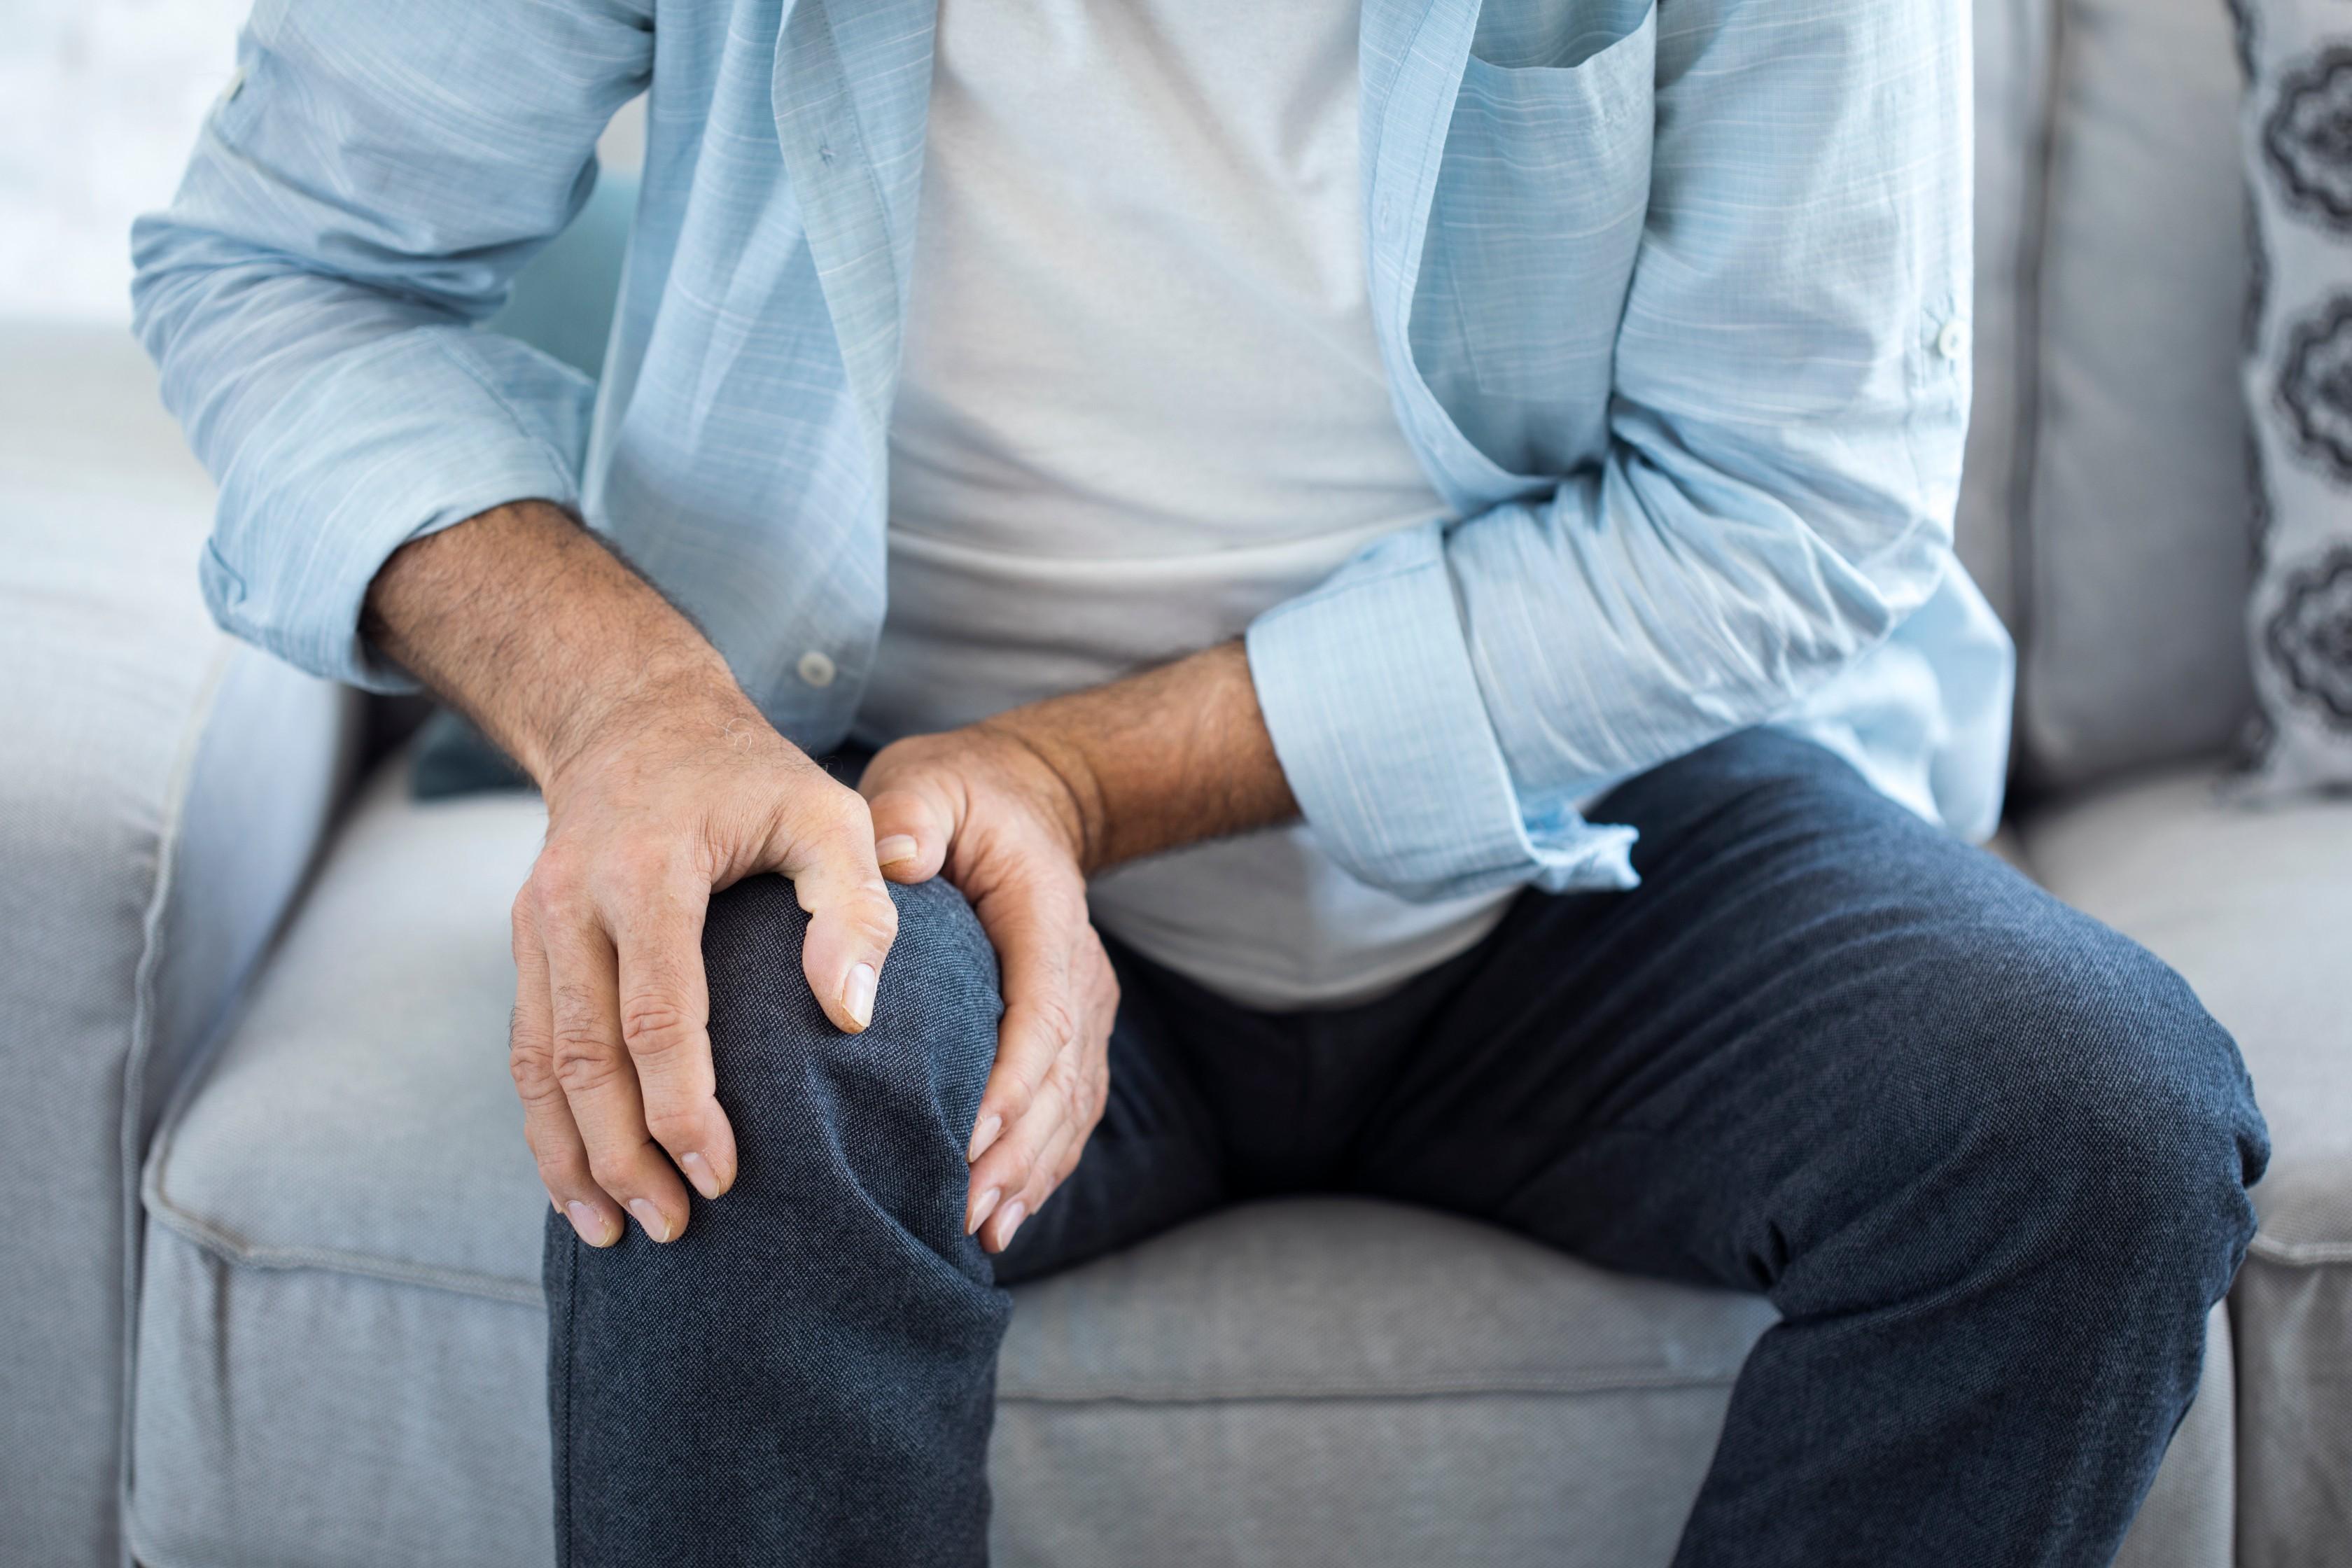 fájdalom a lábak ízületeiben vírusos fertőzéssel)